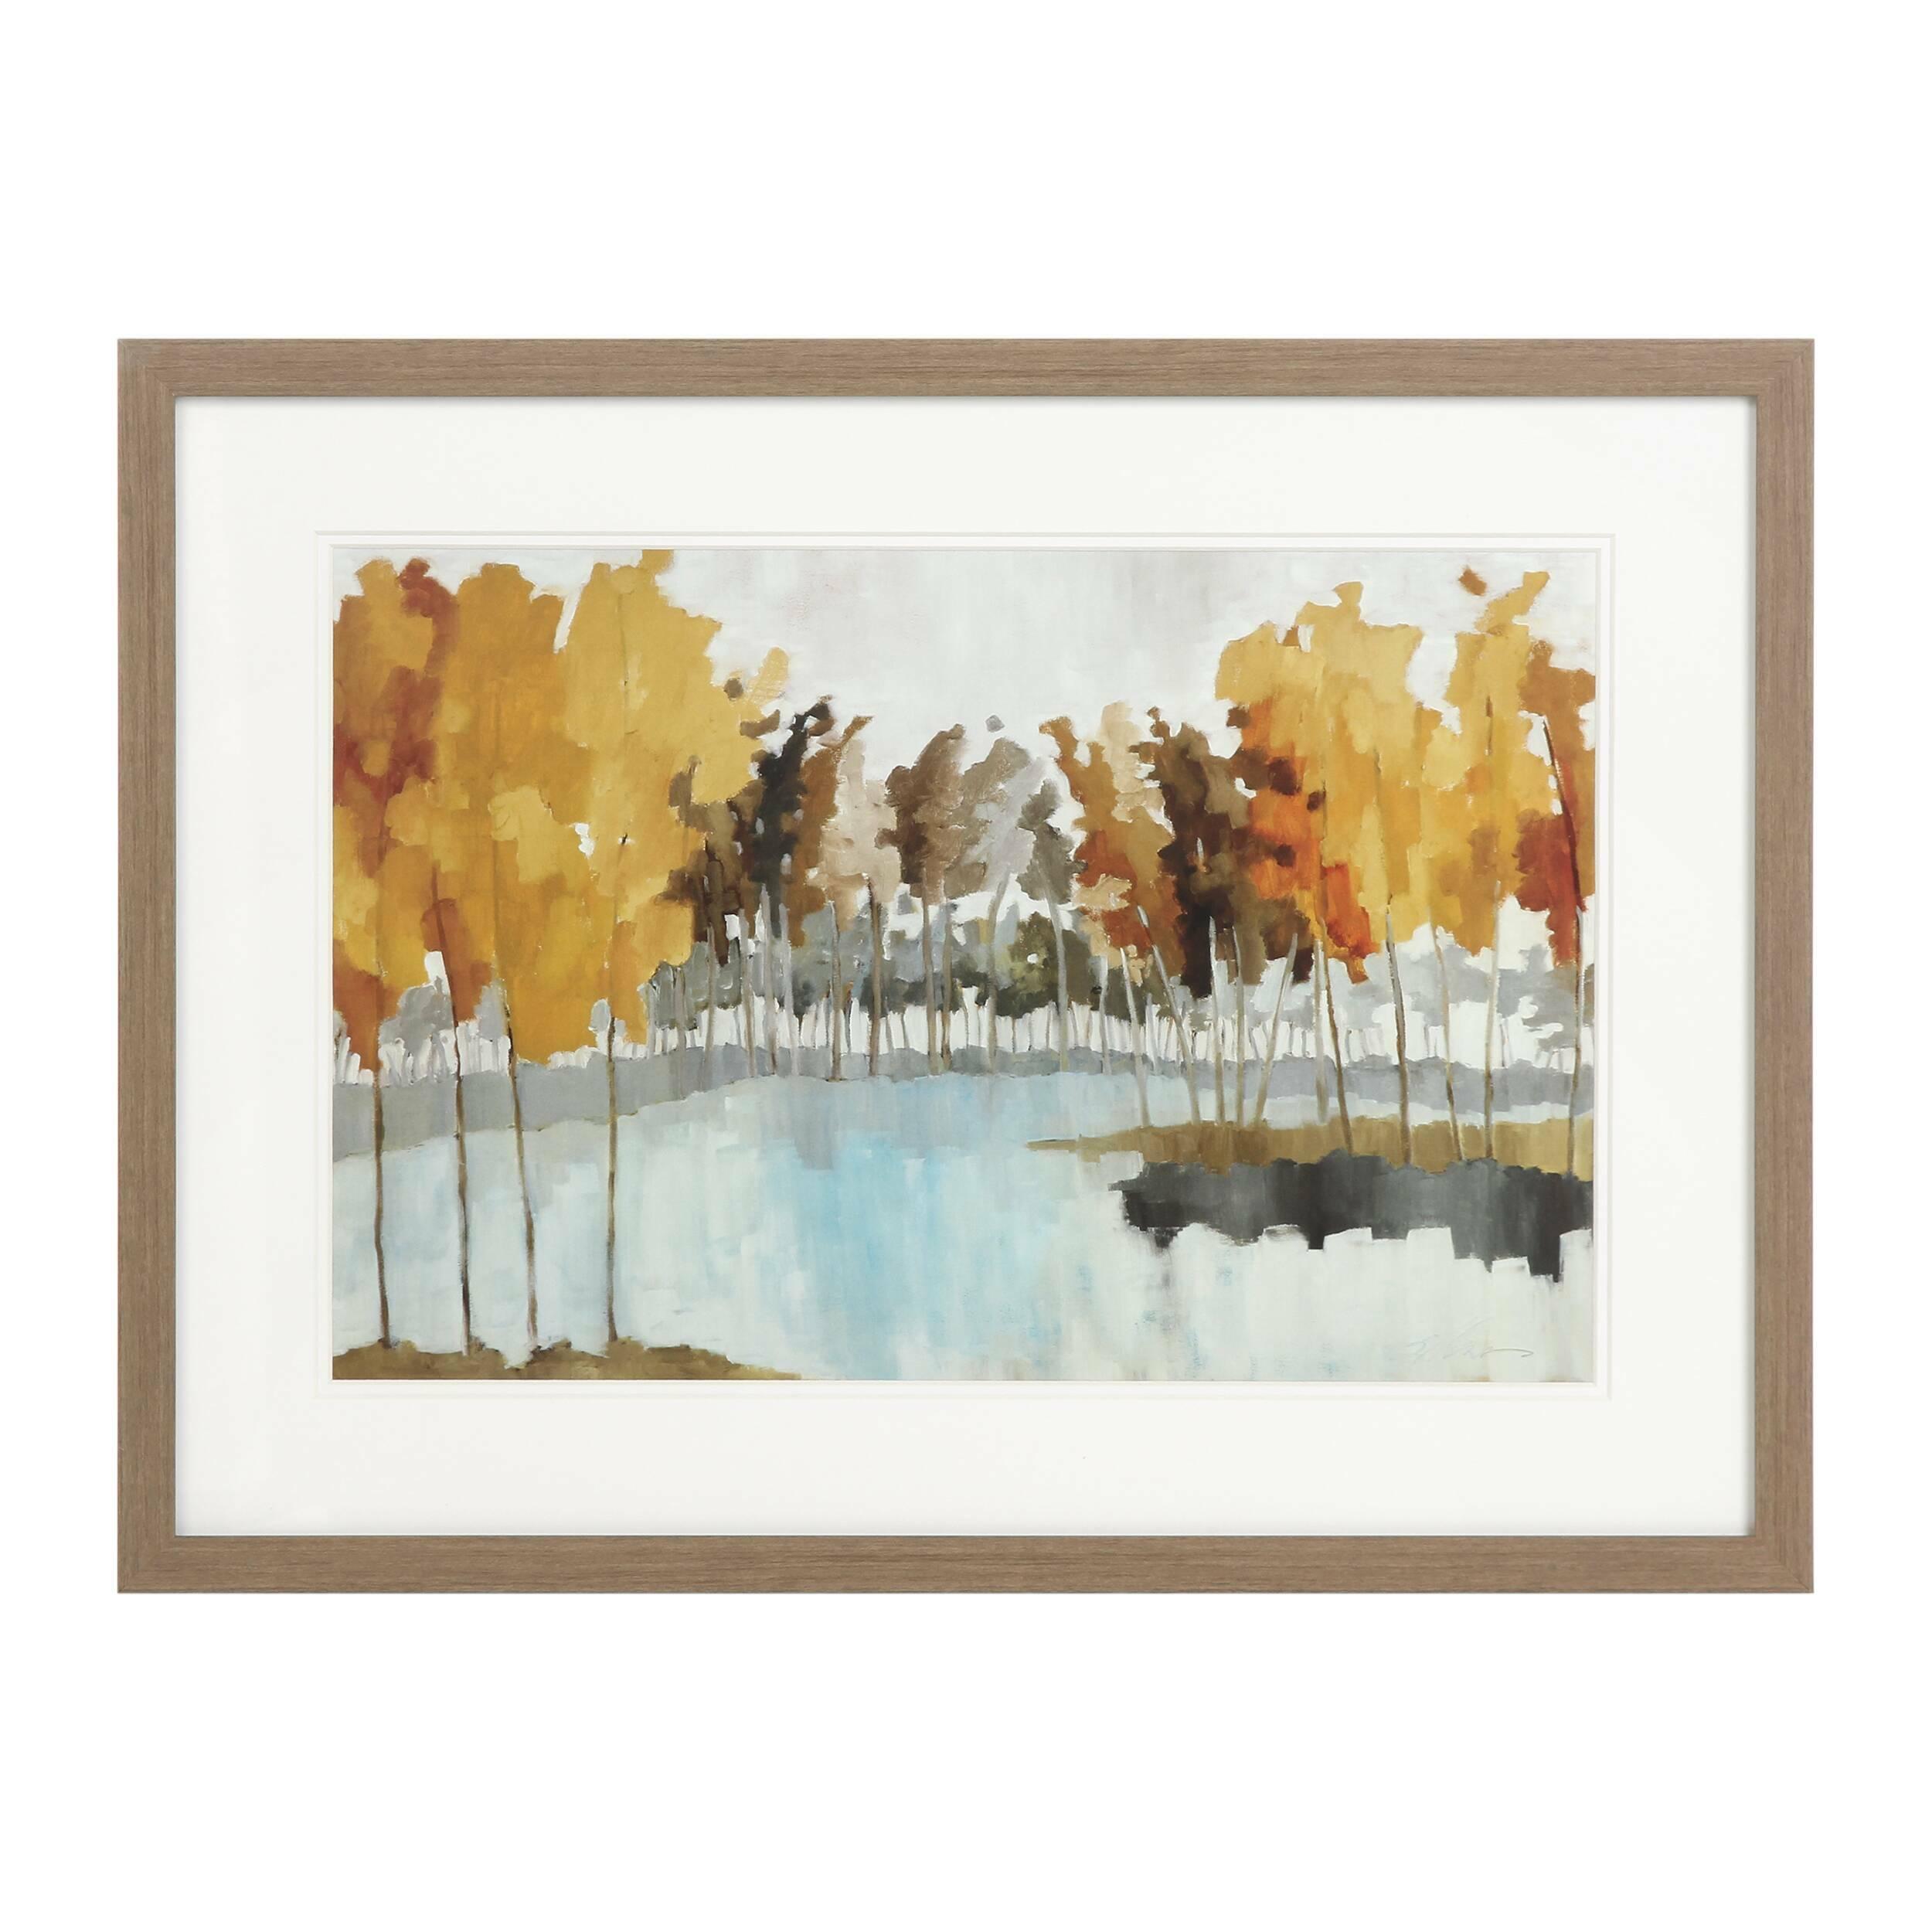 Постер Autumn GroveКартины<br>Пейзаж привносит в помещение особенную, солнечную энергетику – это ценят и любители отдыхать на природе, и те, кто много времени проводит в городских джунглях. Дизайнерский постер Autumn Grove (Осенняя Чаща) – это изображение золотой осенней поры на фоне красивого водоема. Картина обладает спокойным характером и создаст в помещении атмосферу гармонии и умиротворения.<br><br><br> Постер имеет средние размеры, что позволяет украсить им как большую, так и маленькую комнату. Чтобы красиво подчеркн...<br><br>stock: 11<br>Ширина: 44,2<br>Цвет: Разноцветный<br>Длина: 59,2